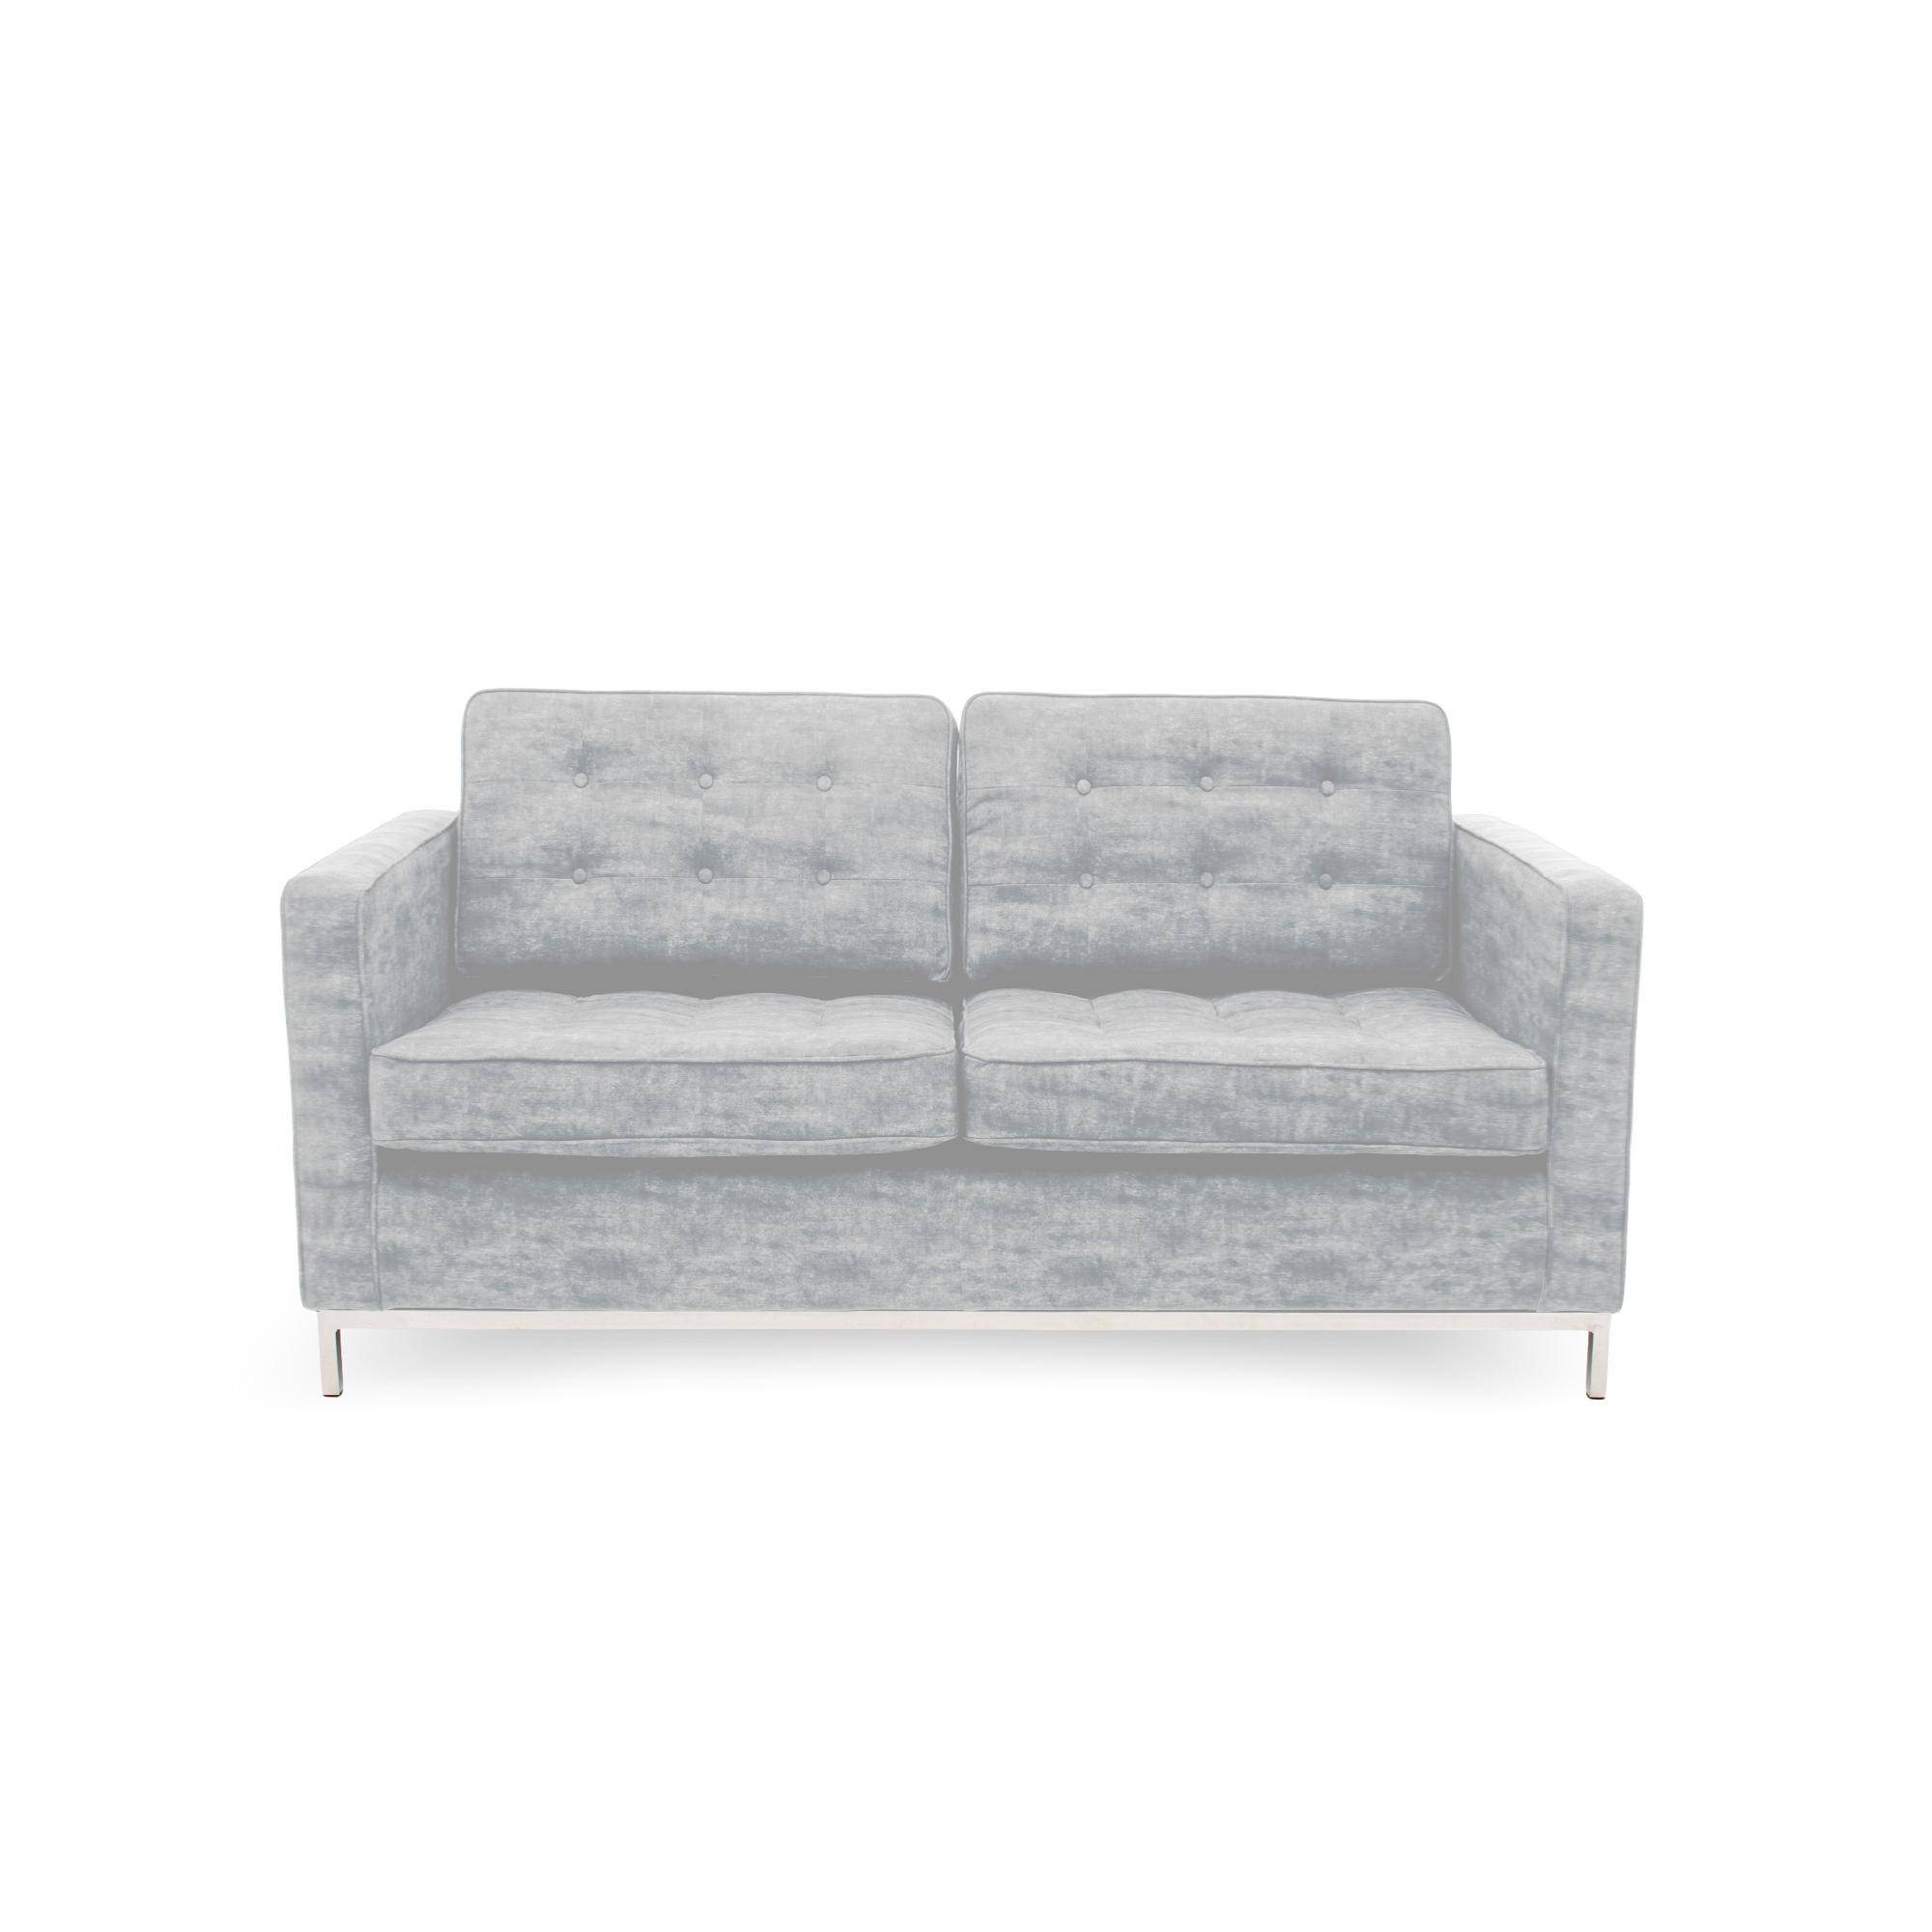 Canapea Fixa 2 locuri Ben Light Grey